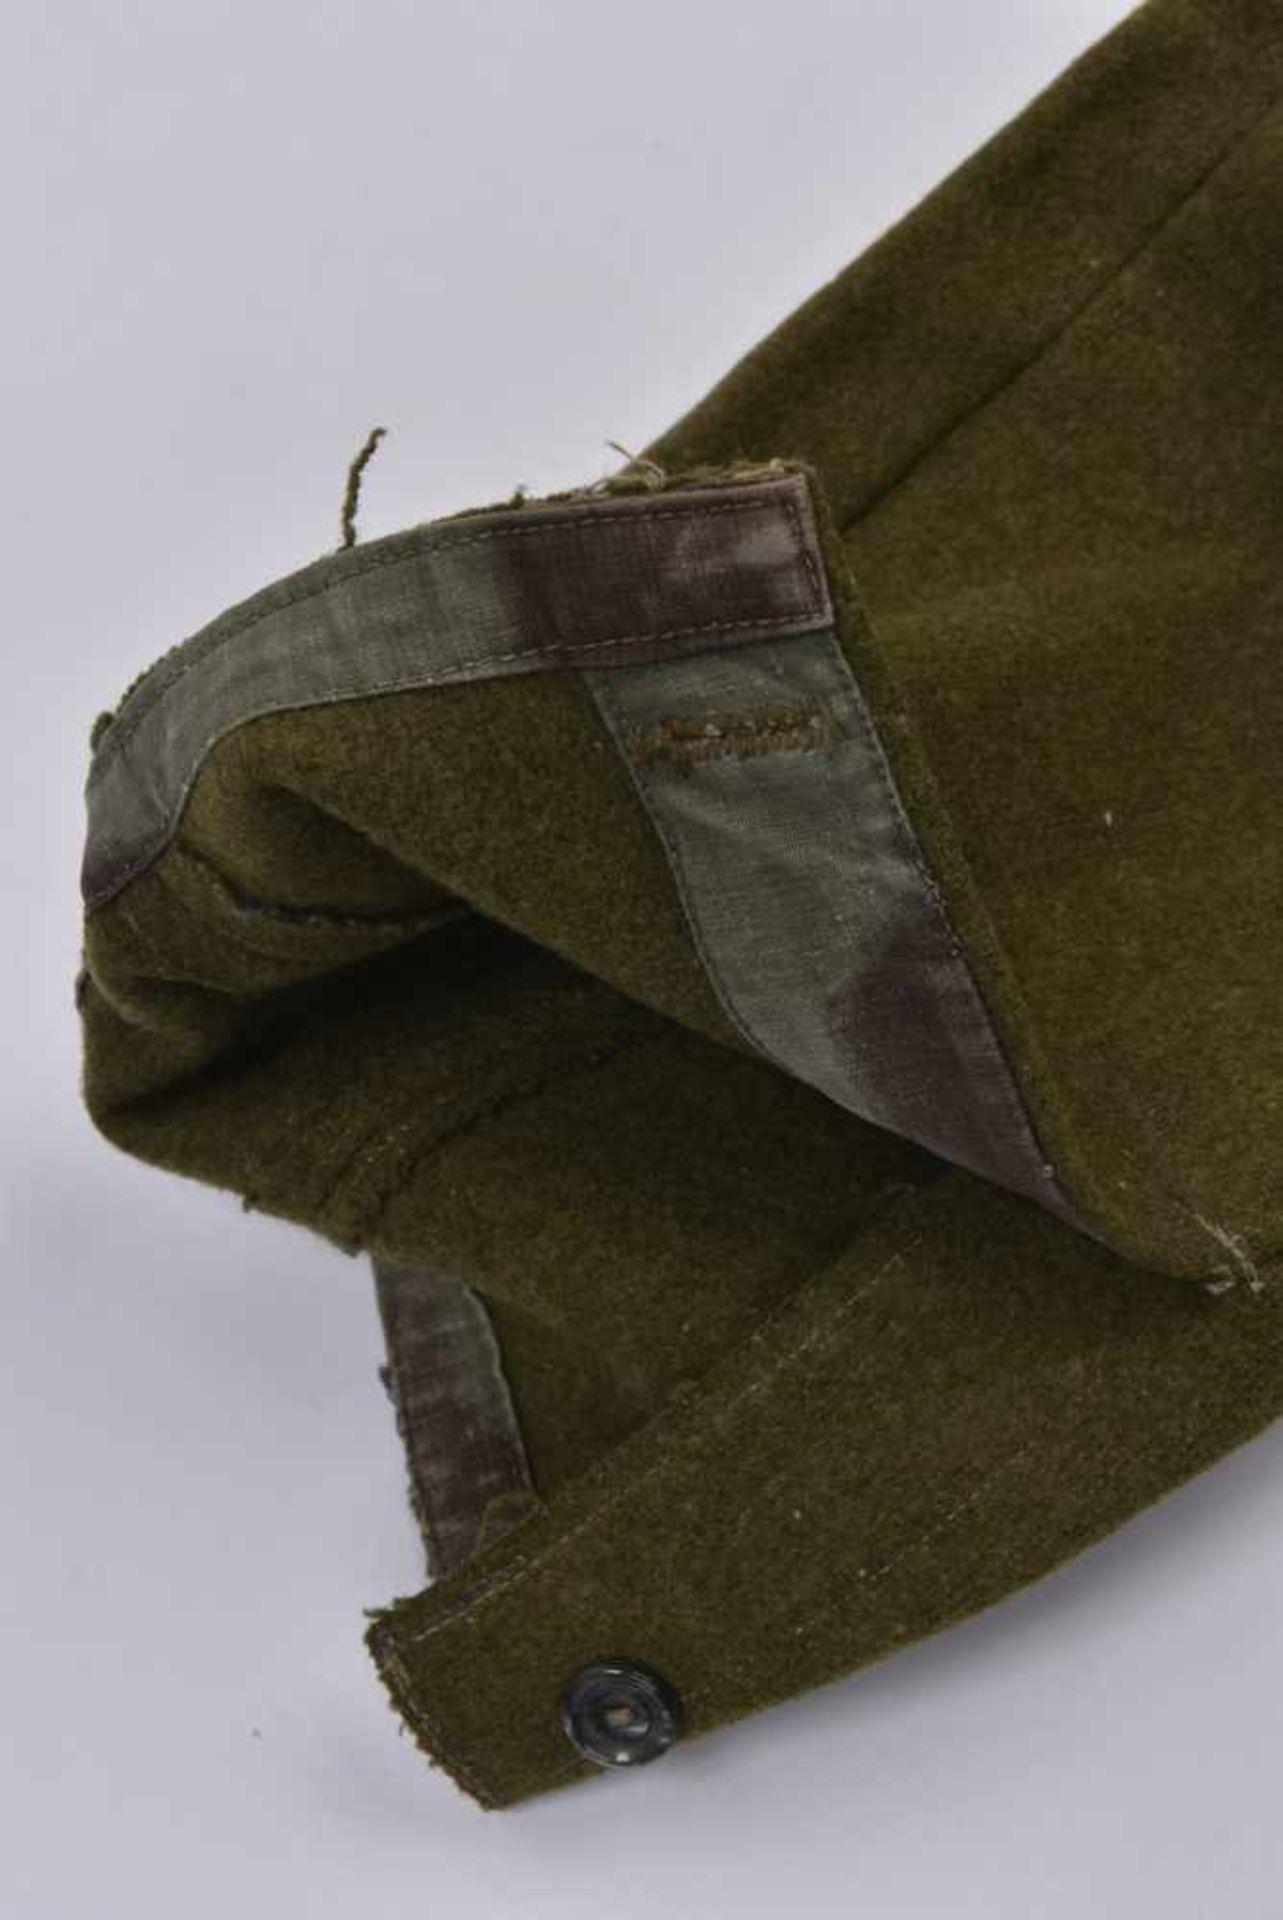 Culotte troupe M.35 hiver en laine Fabrication de guerre. Les poches ainsi que les renforts sont - Bild 2 aus 4